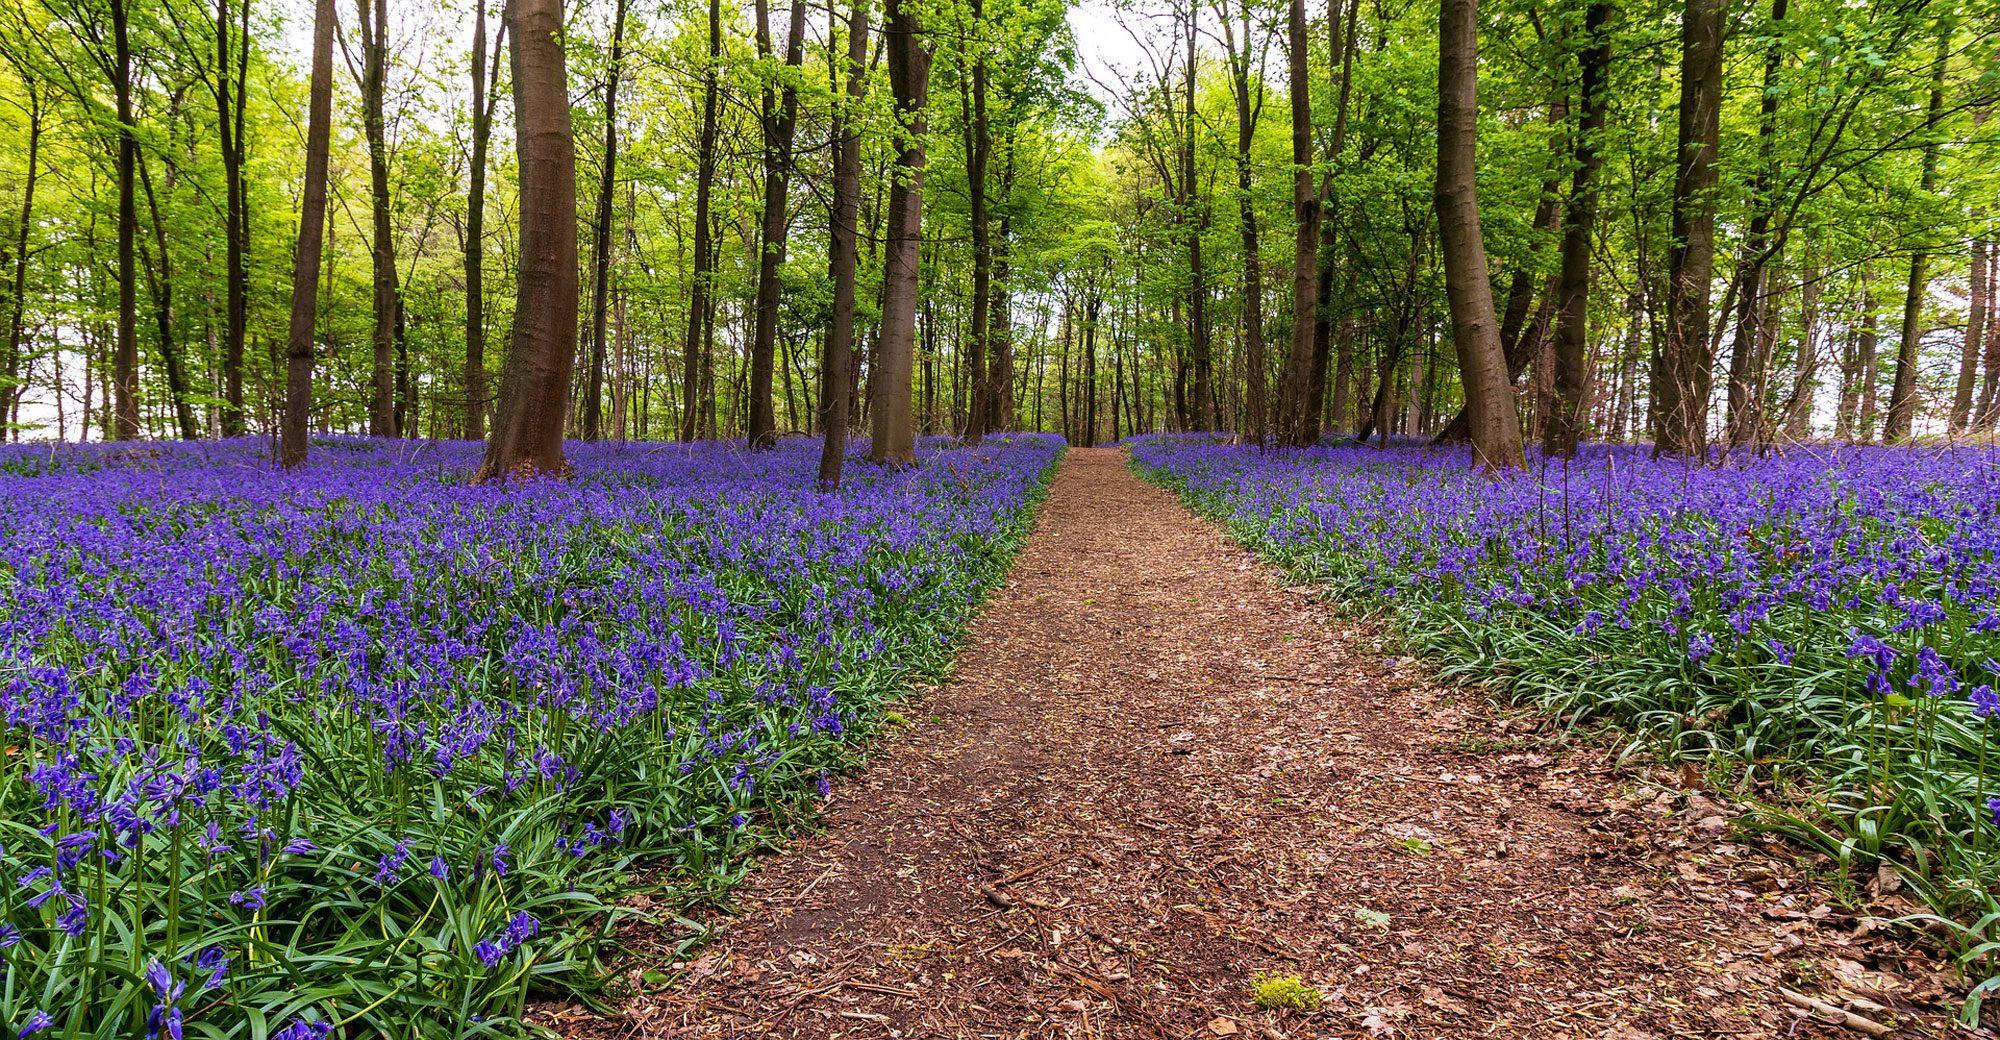 日本では、春と言えばお花見ですが、イギリスでは?